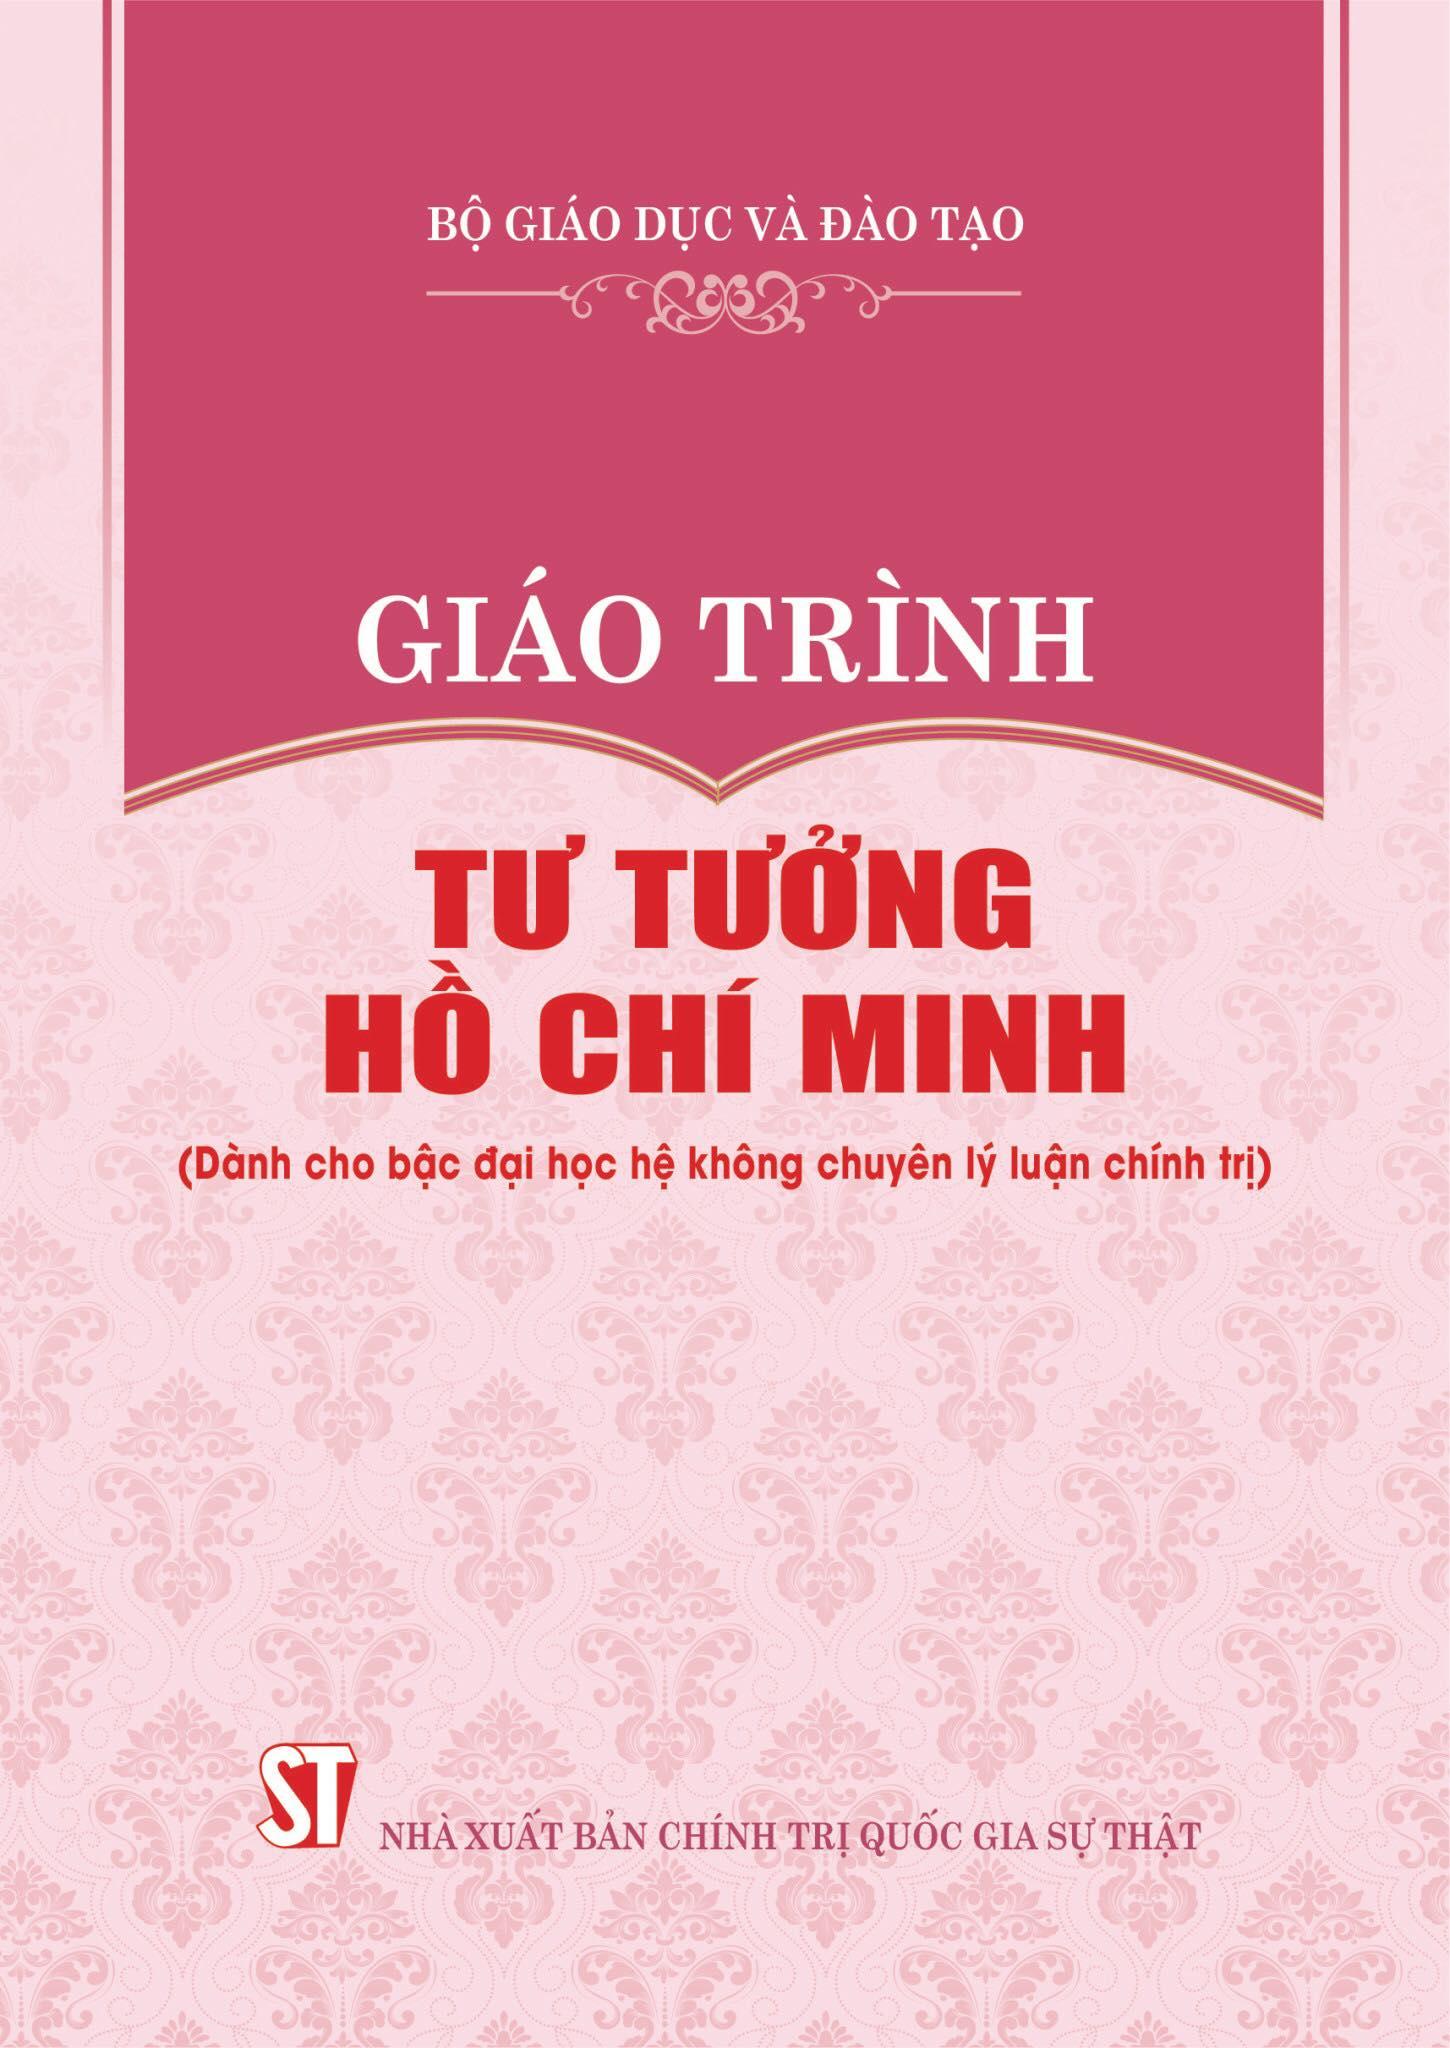 Giáo trình Tư tưởng Hồ Chí Minh (Dành cho bậc đại học hệ không chuyên lý luận chính trị)